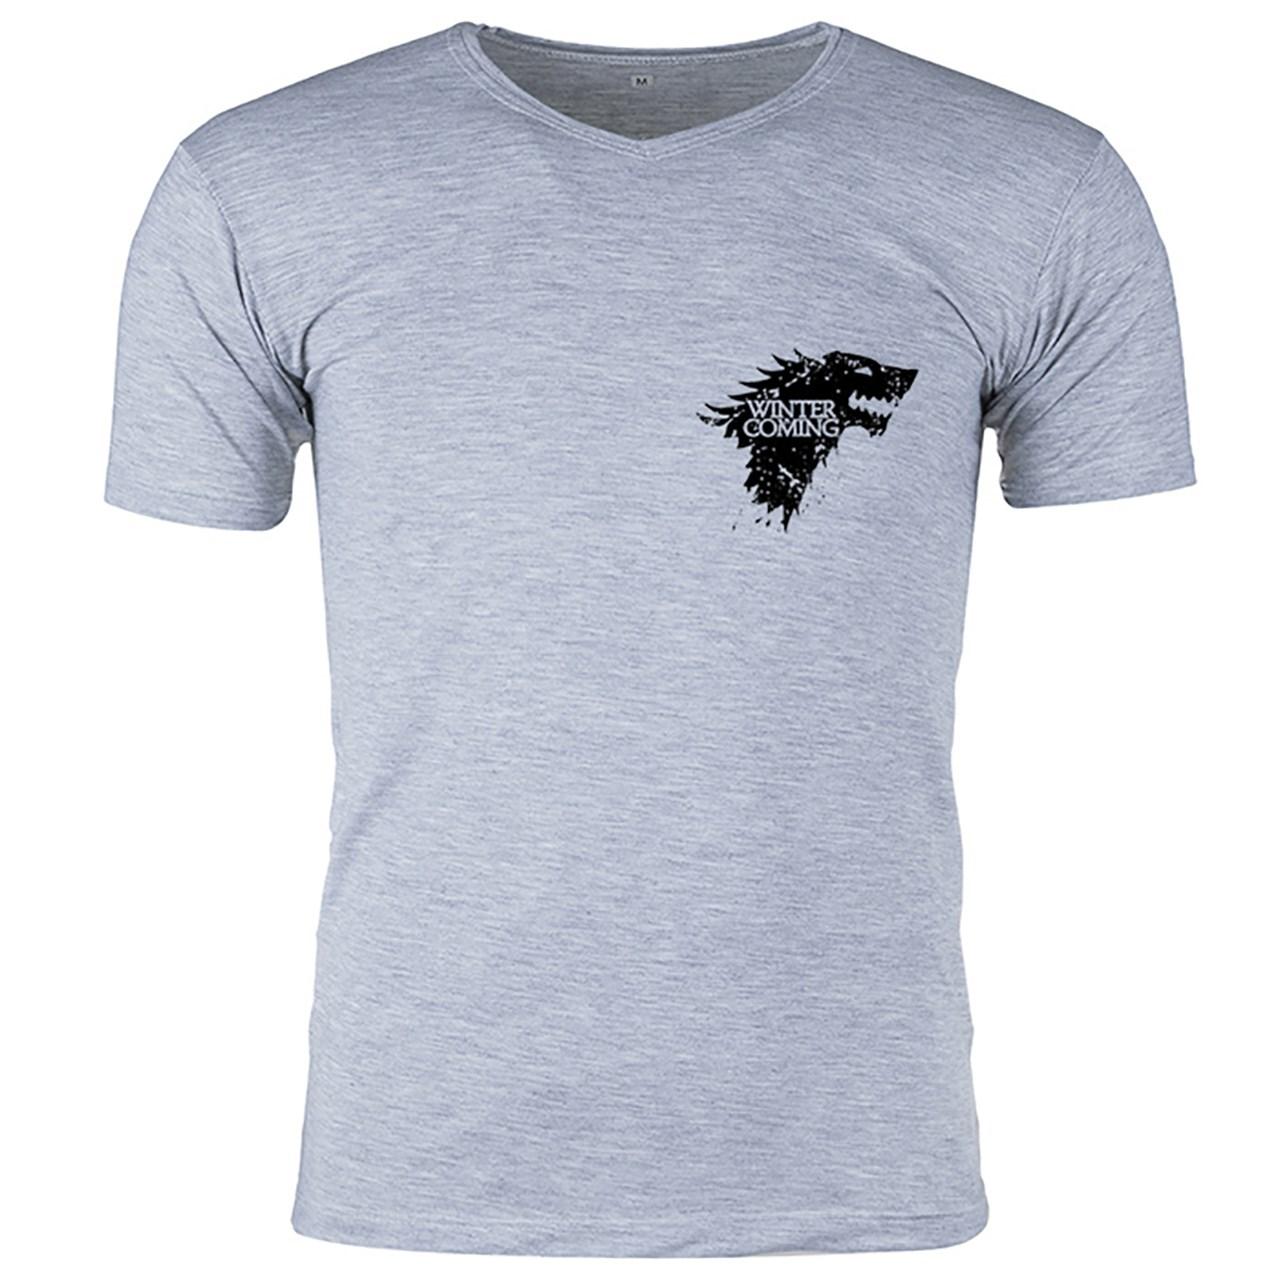 تی شرت ملانژ مردانه گالری واو - طرح Game of thrones- کد CT80101Z